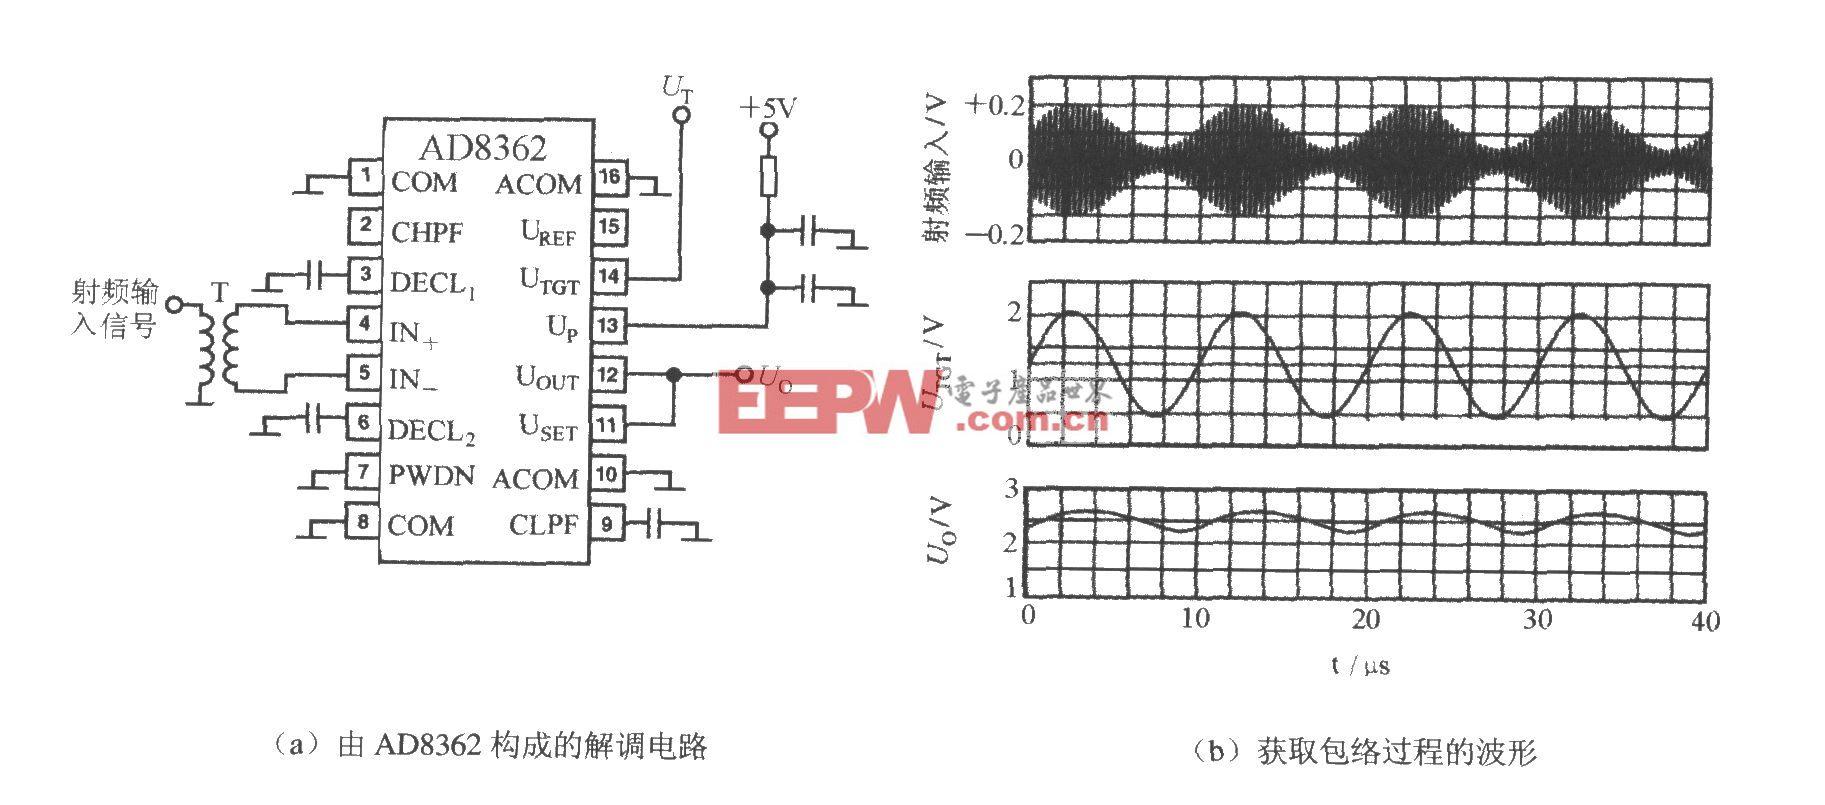 由单片真有效值功率测量系统AD8362构成的解调电路